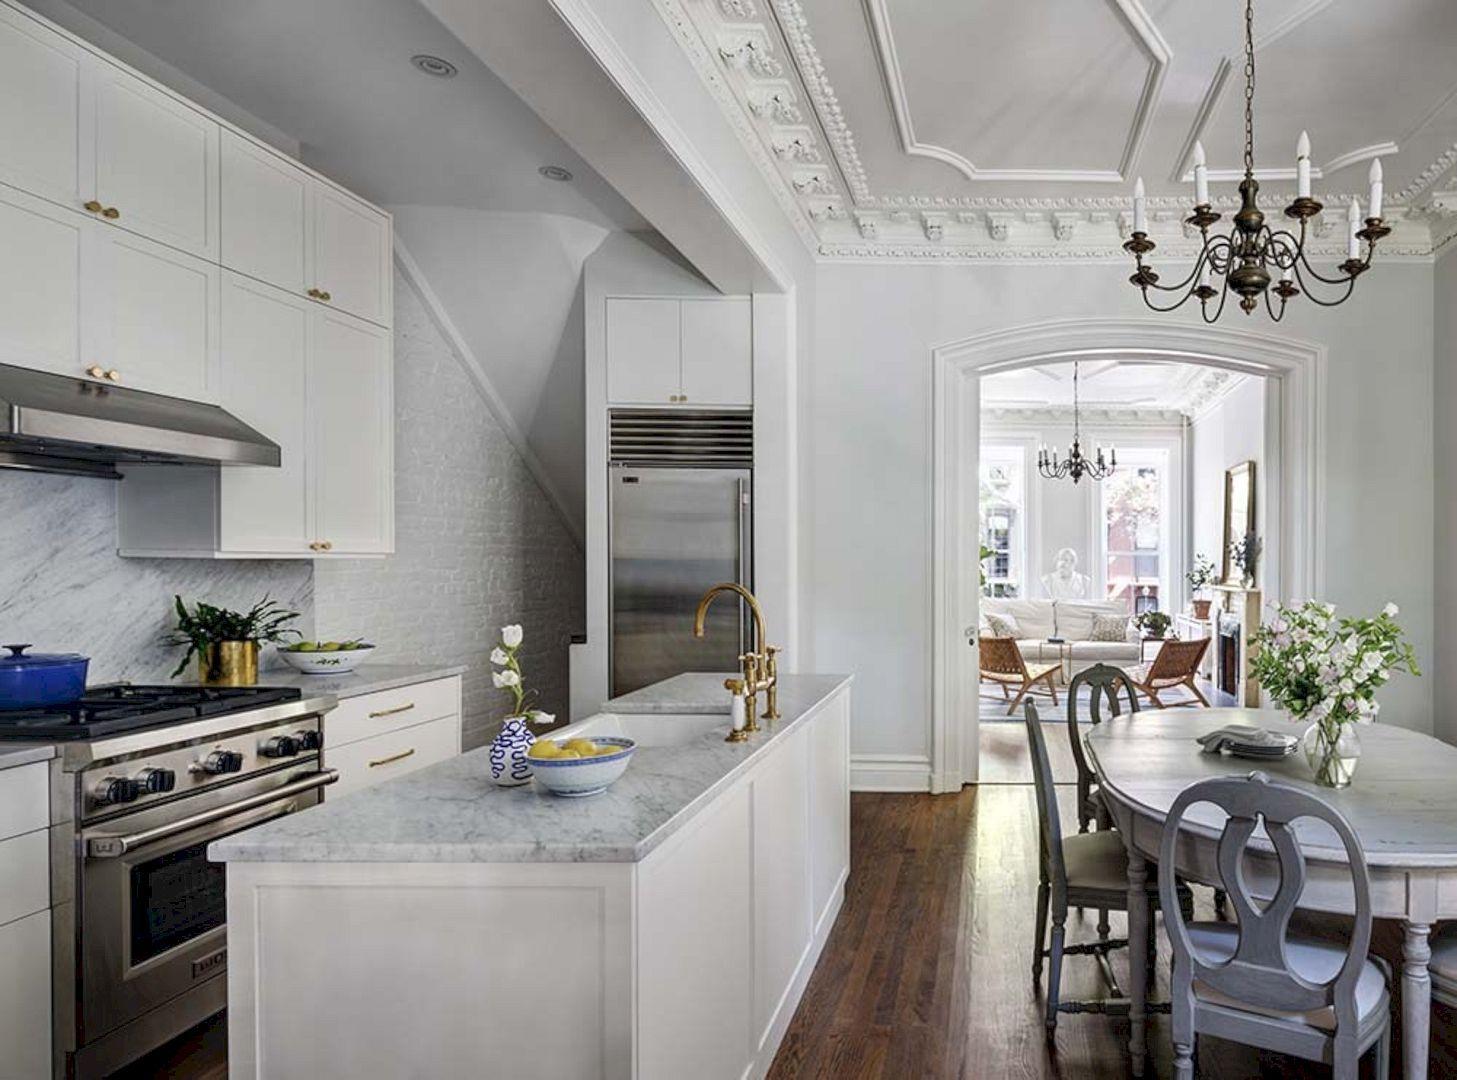 Ideen für küchenschränke designing project for clermont street brownstone duplex  cocinas